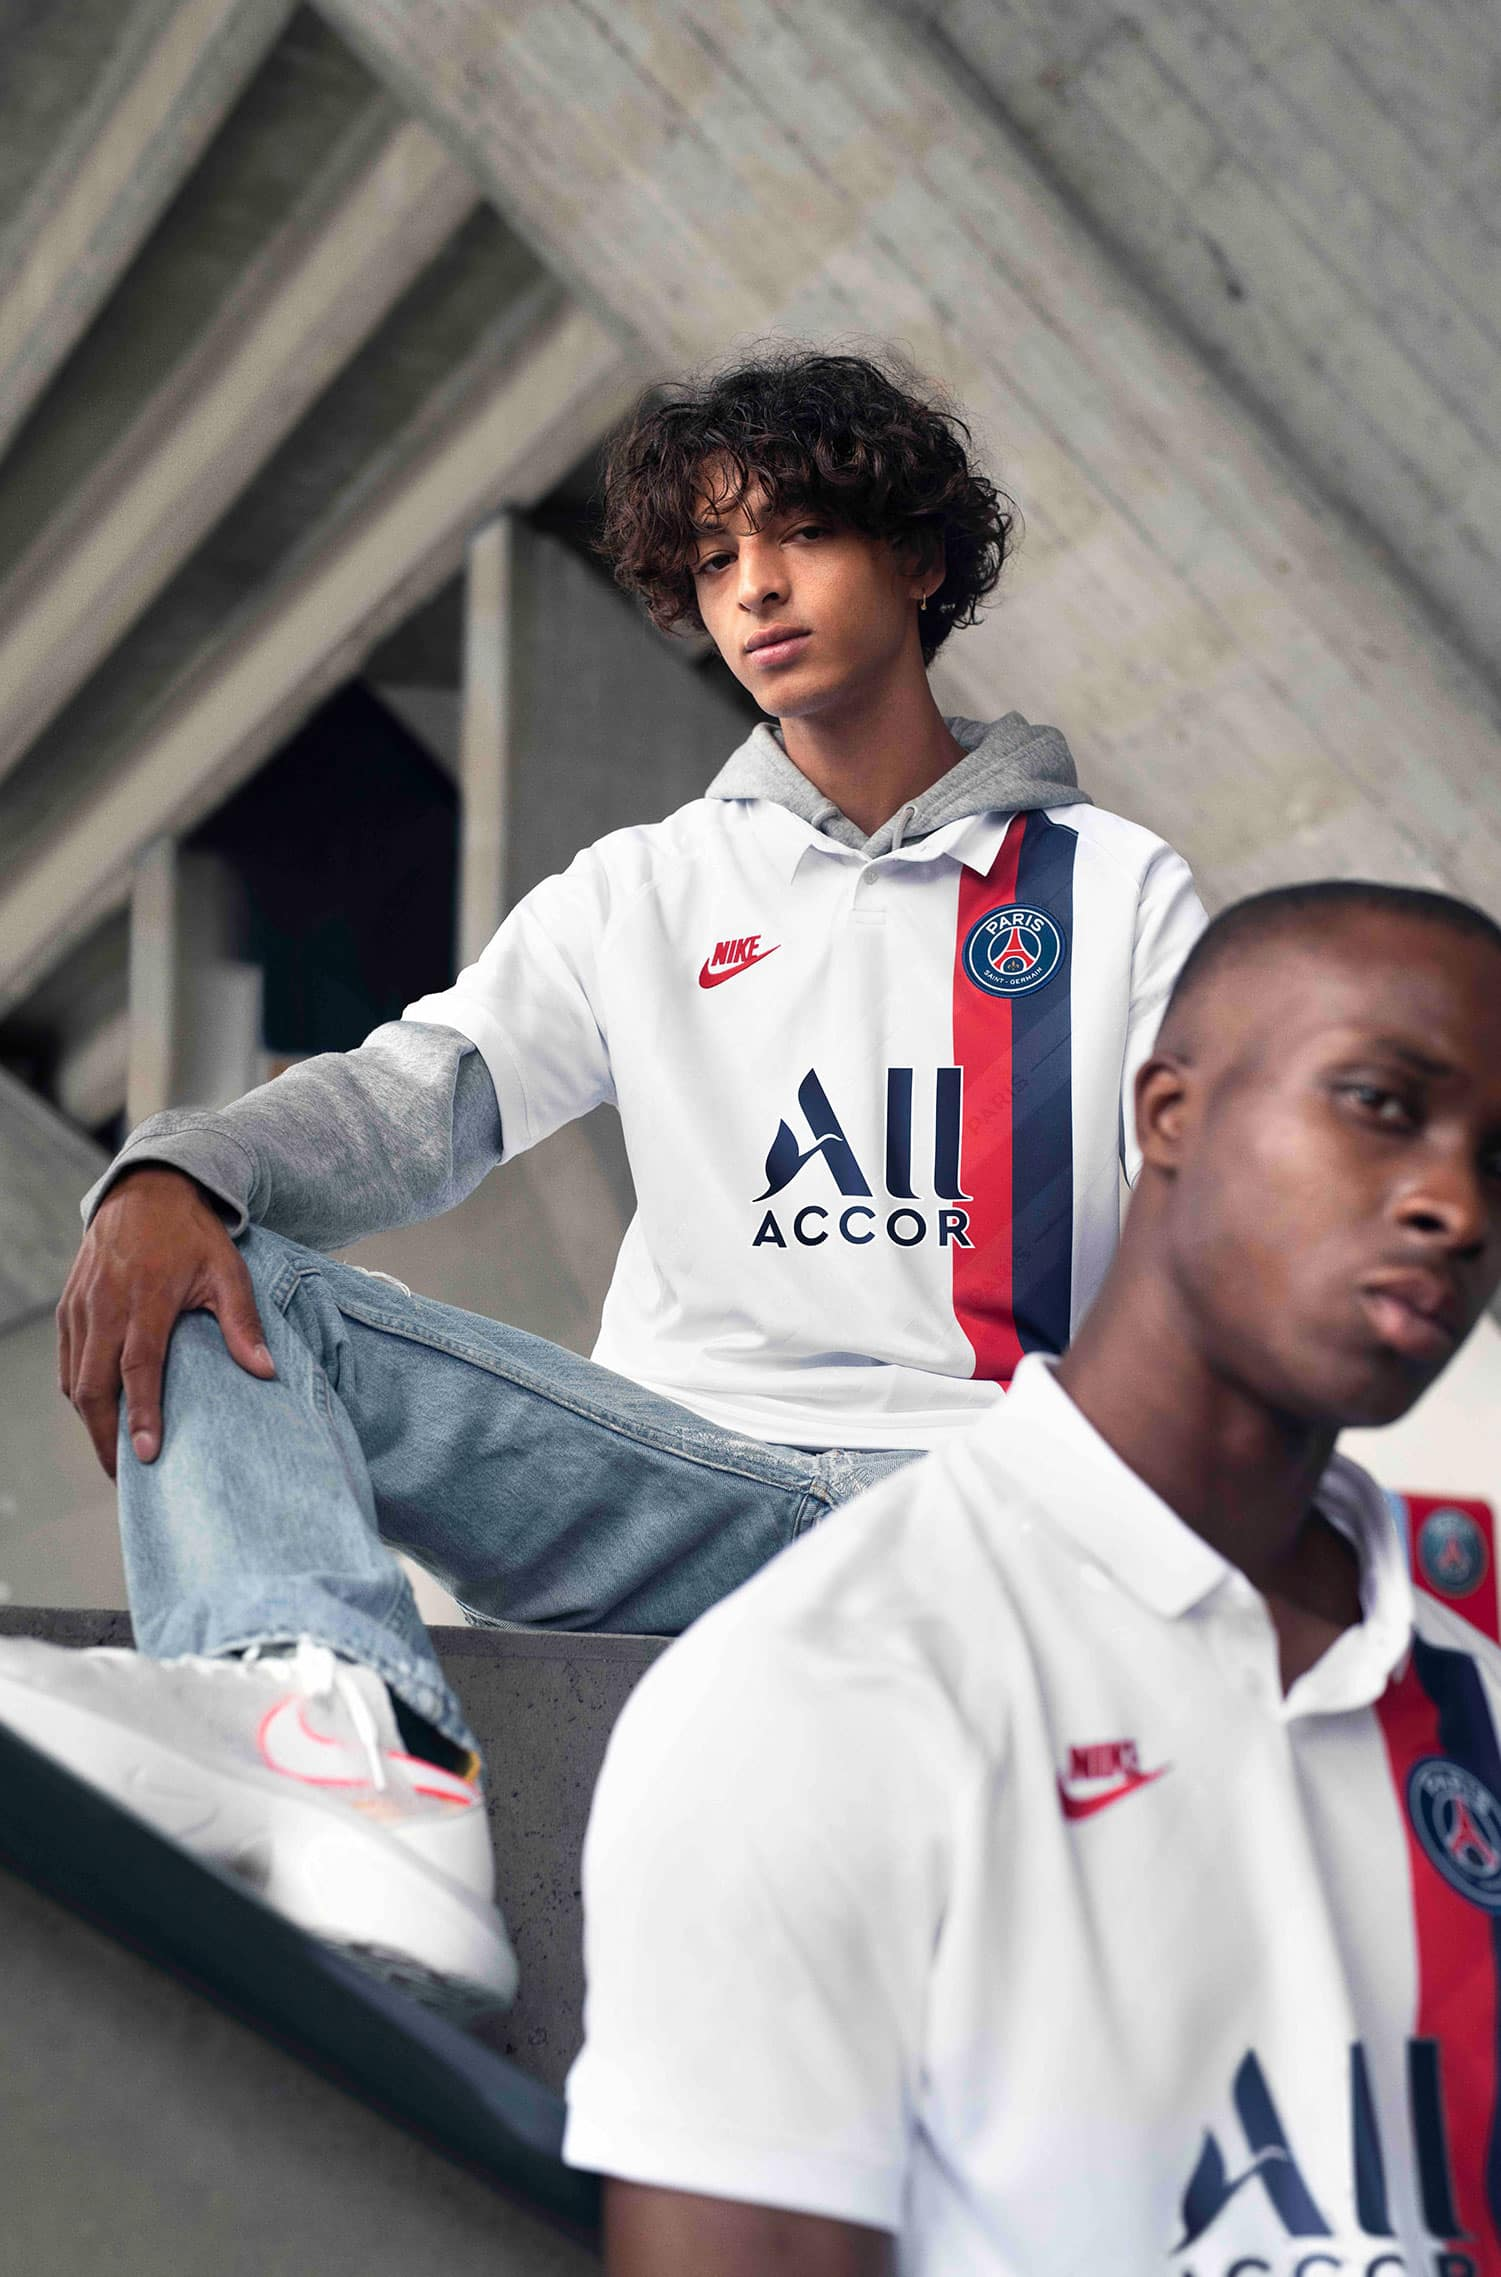 Le Paris Saint Germain et Nike dévoilent le maillot third